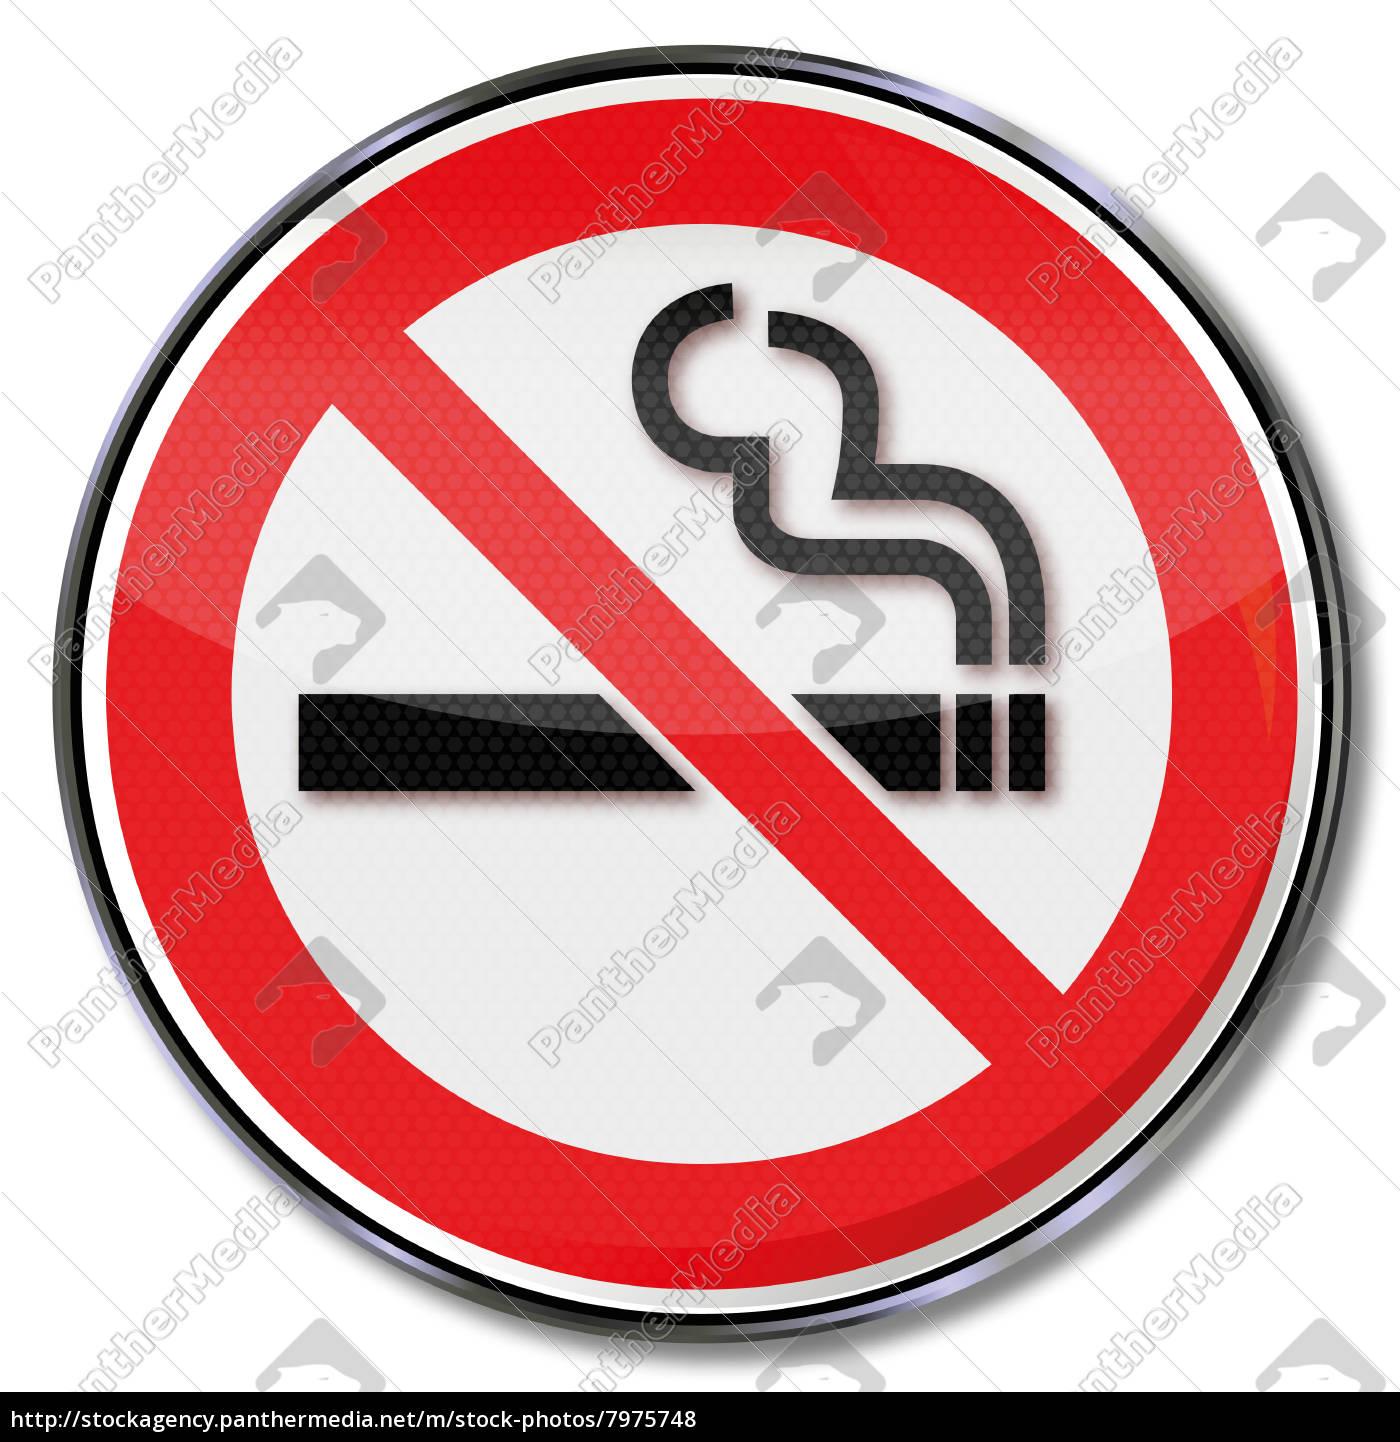 verbotszeichen, rauchverbot, - 7975748